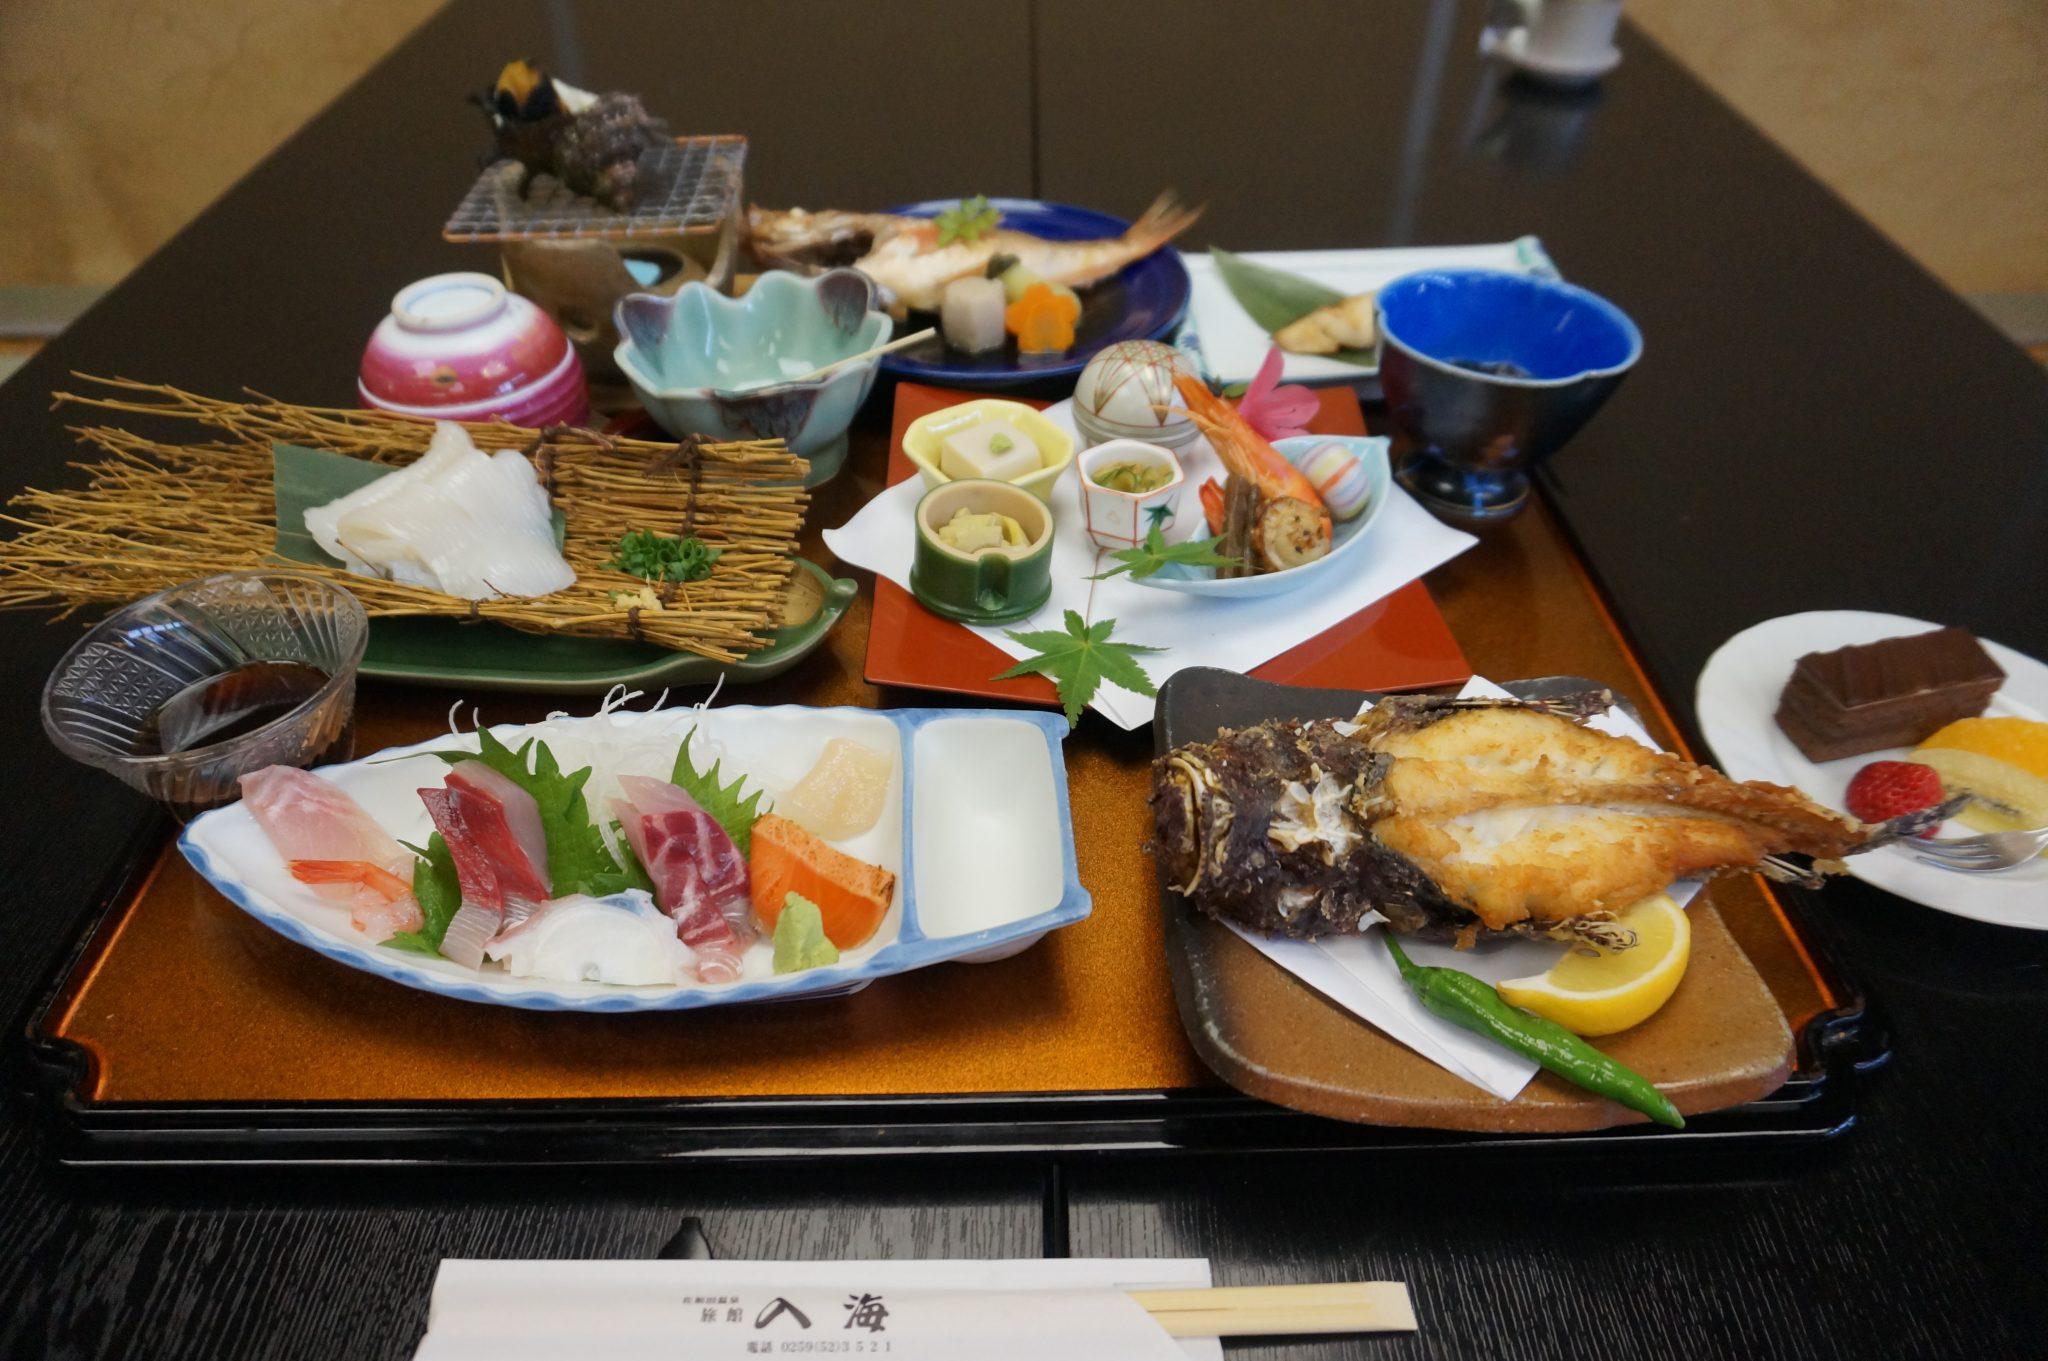 佐和田温泉旅館入海